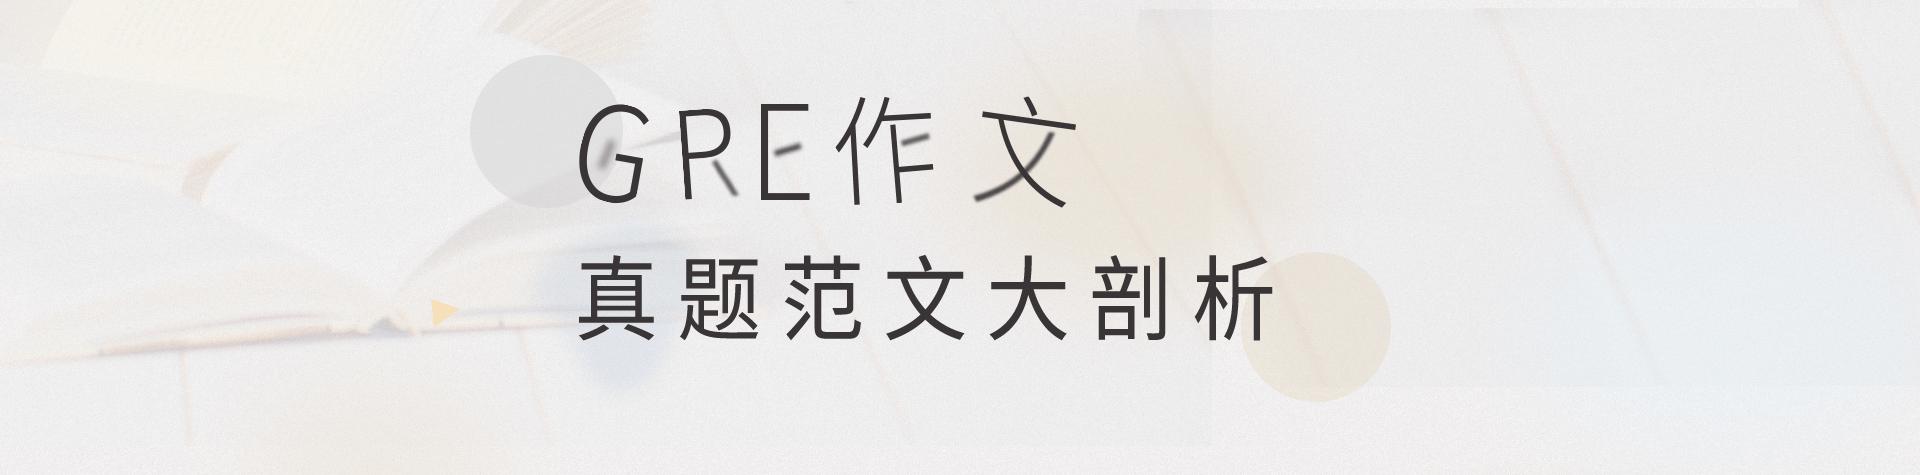 GRE写作真题范文 作文资料下载